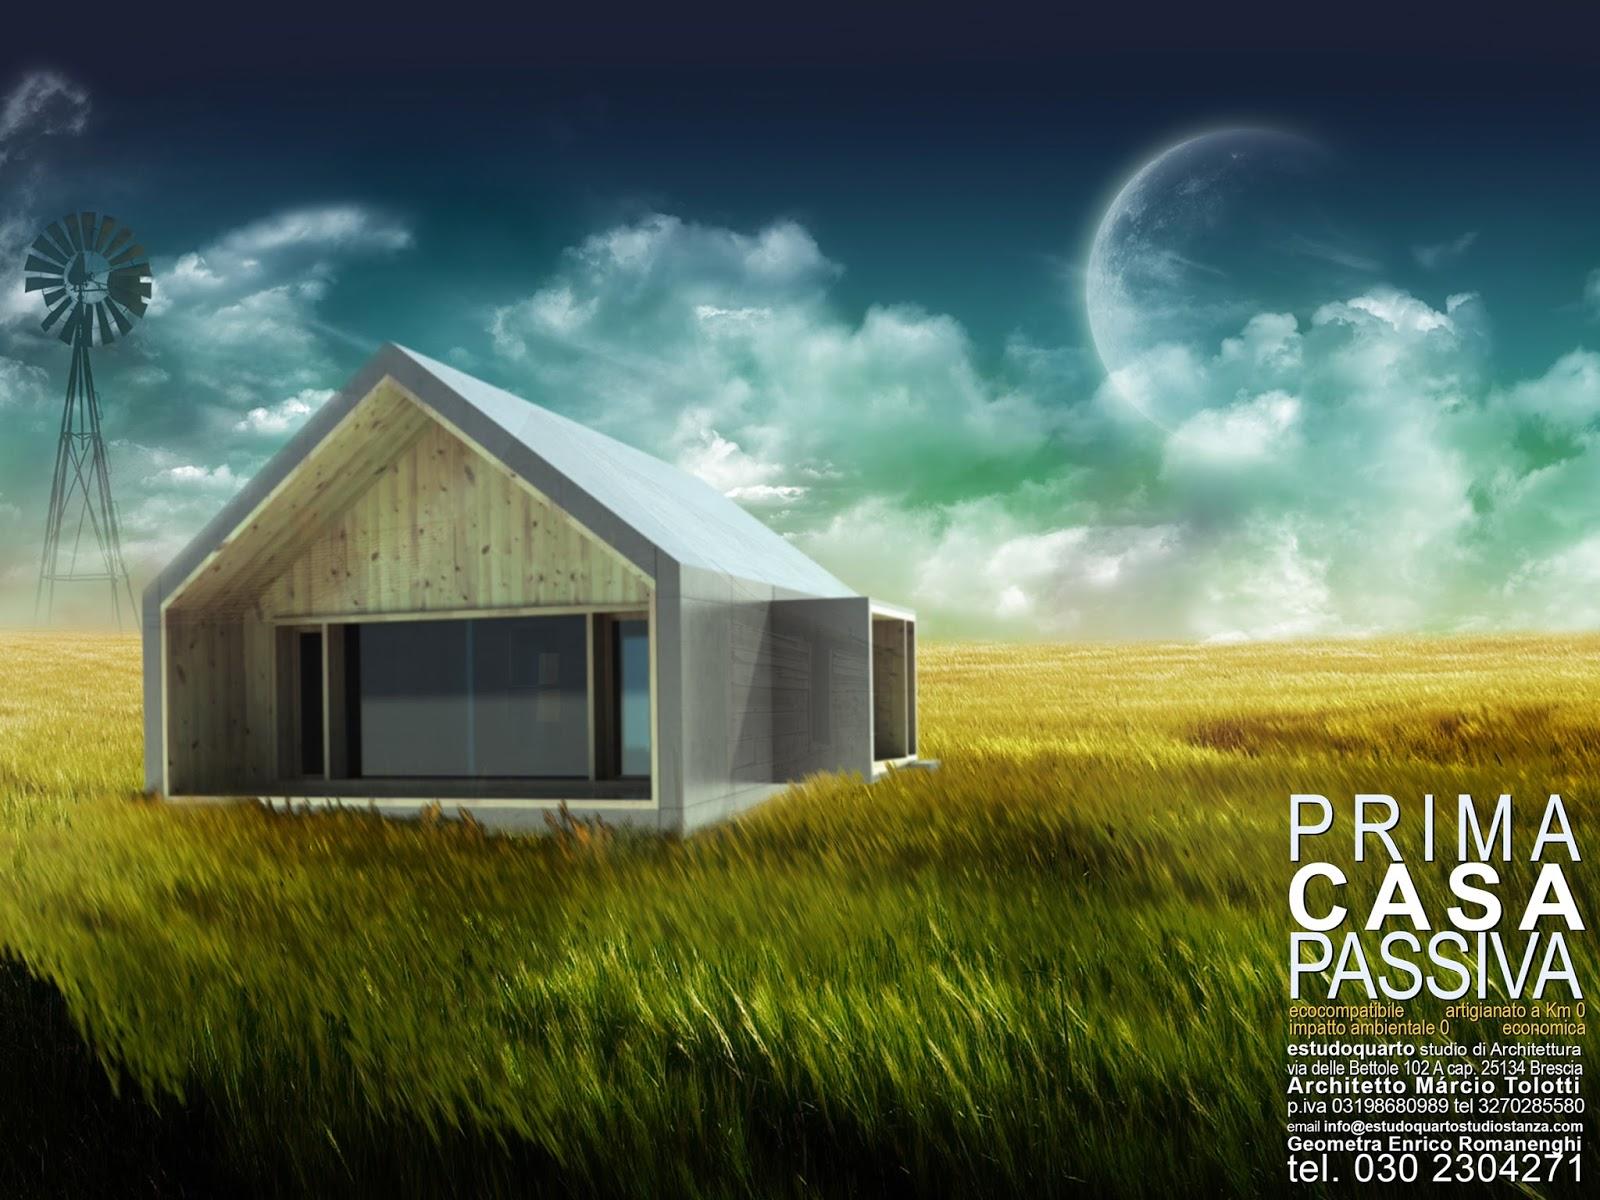 Che cosa fare per avere prima casa passiva studio di architettura a verona case passive in - Cosa si intende per prima casa ...